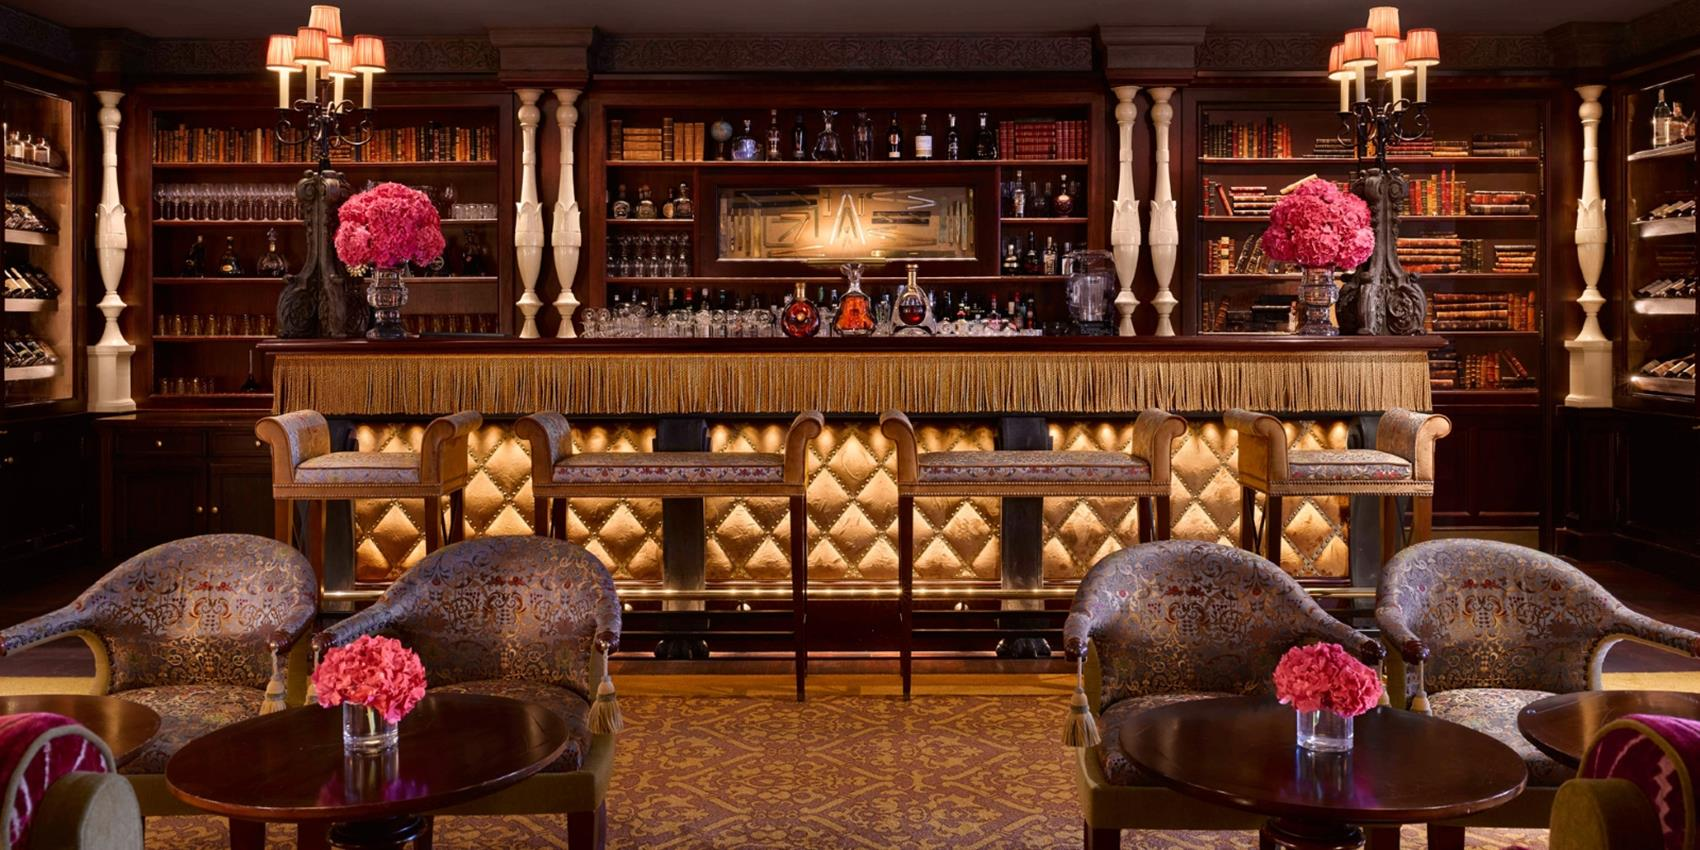 rencontres Café Lounge commentaires les pros de la datation en ligne